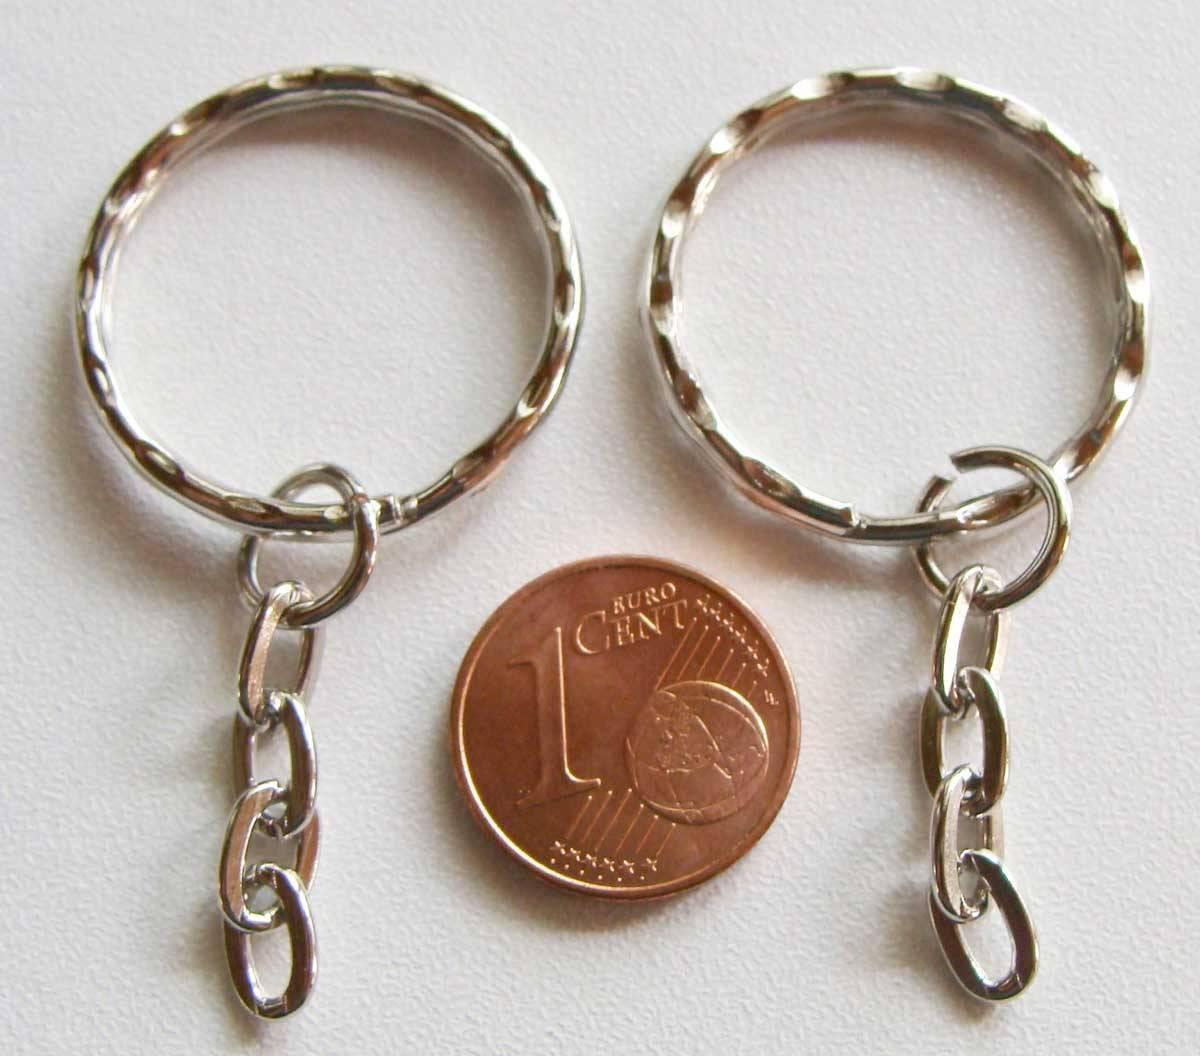 50 ANNEAUX PORTE-CLES métal argenté 25mm + chaine ovale 2,5cm